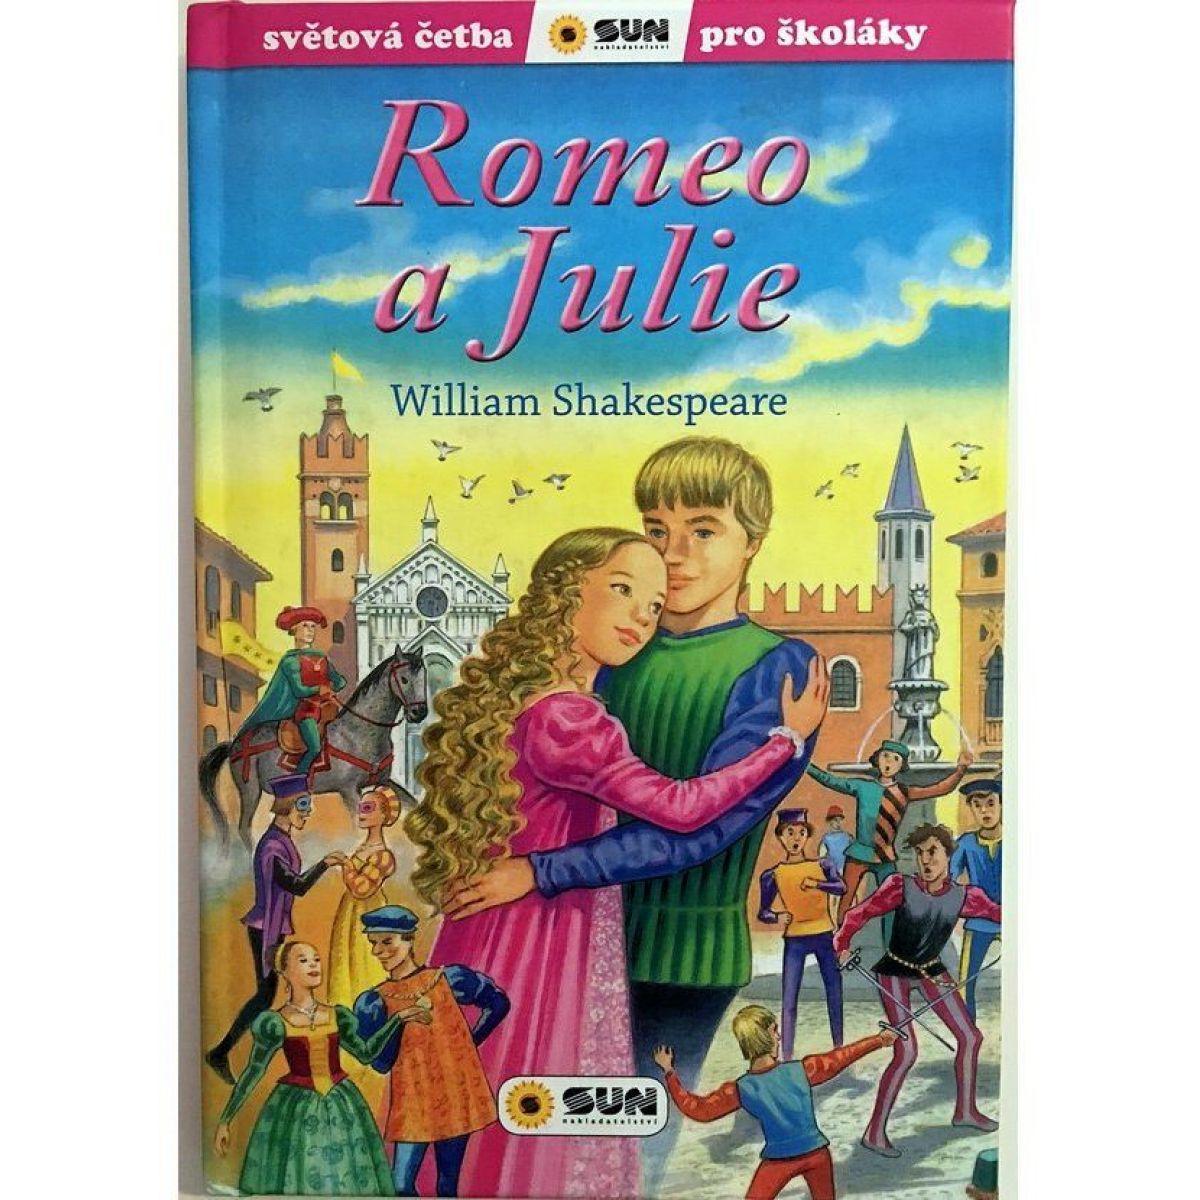 Svetová čítanie Romeo a Júlia II